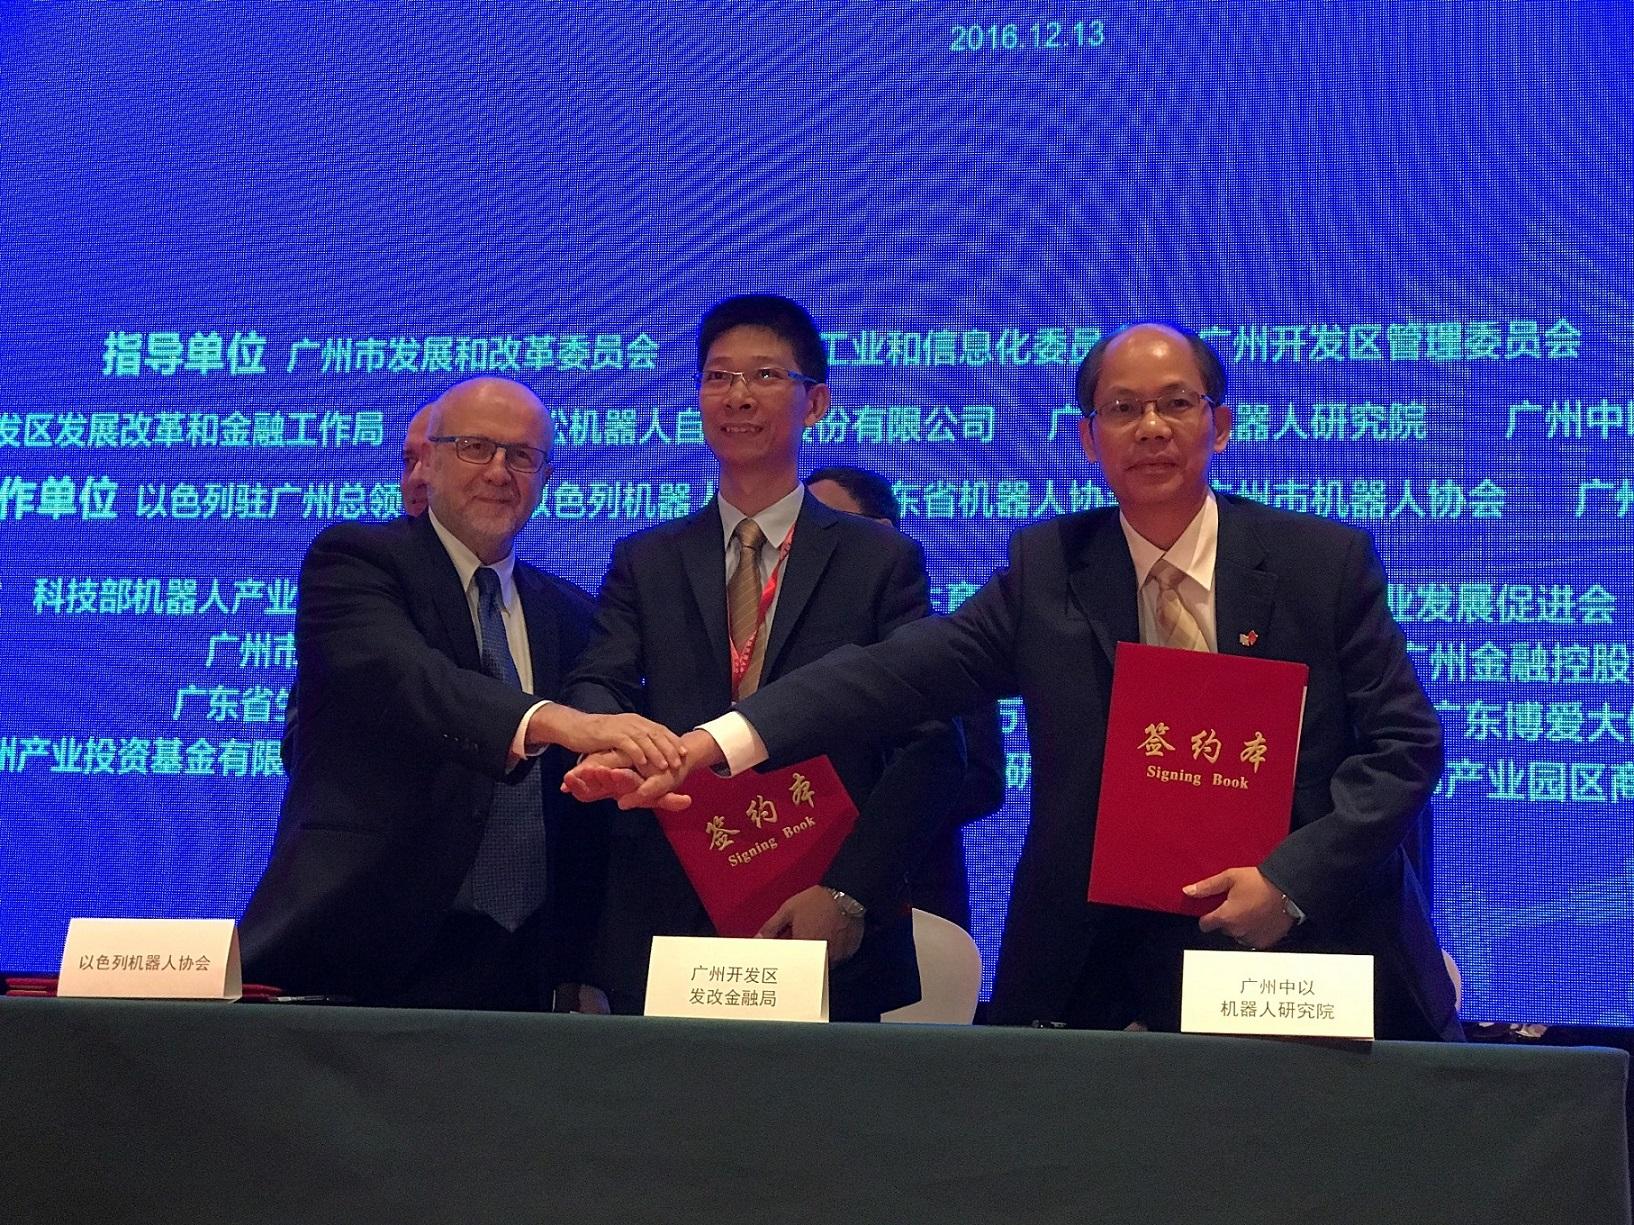 שיתוף פעולה בין סין-ישראל בתחום הרובוטיקה